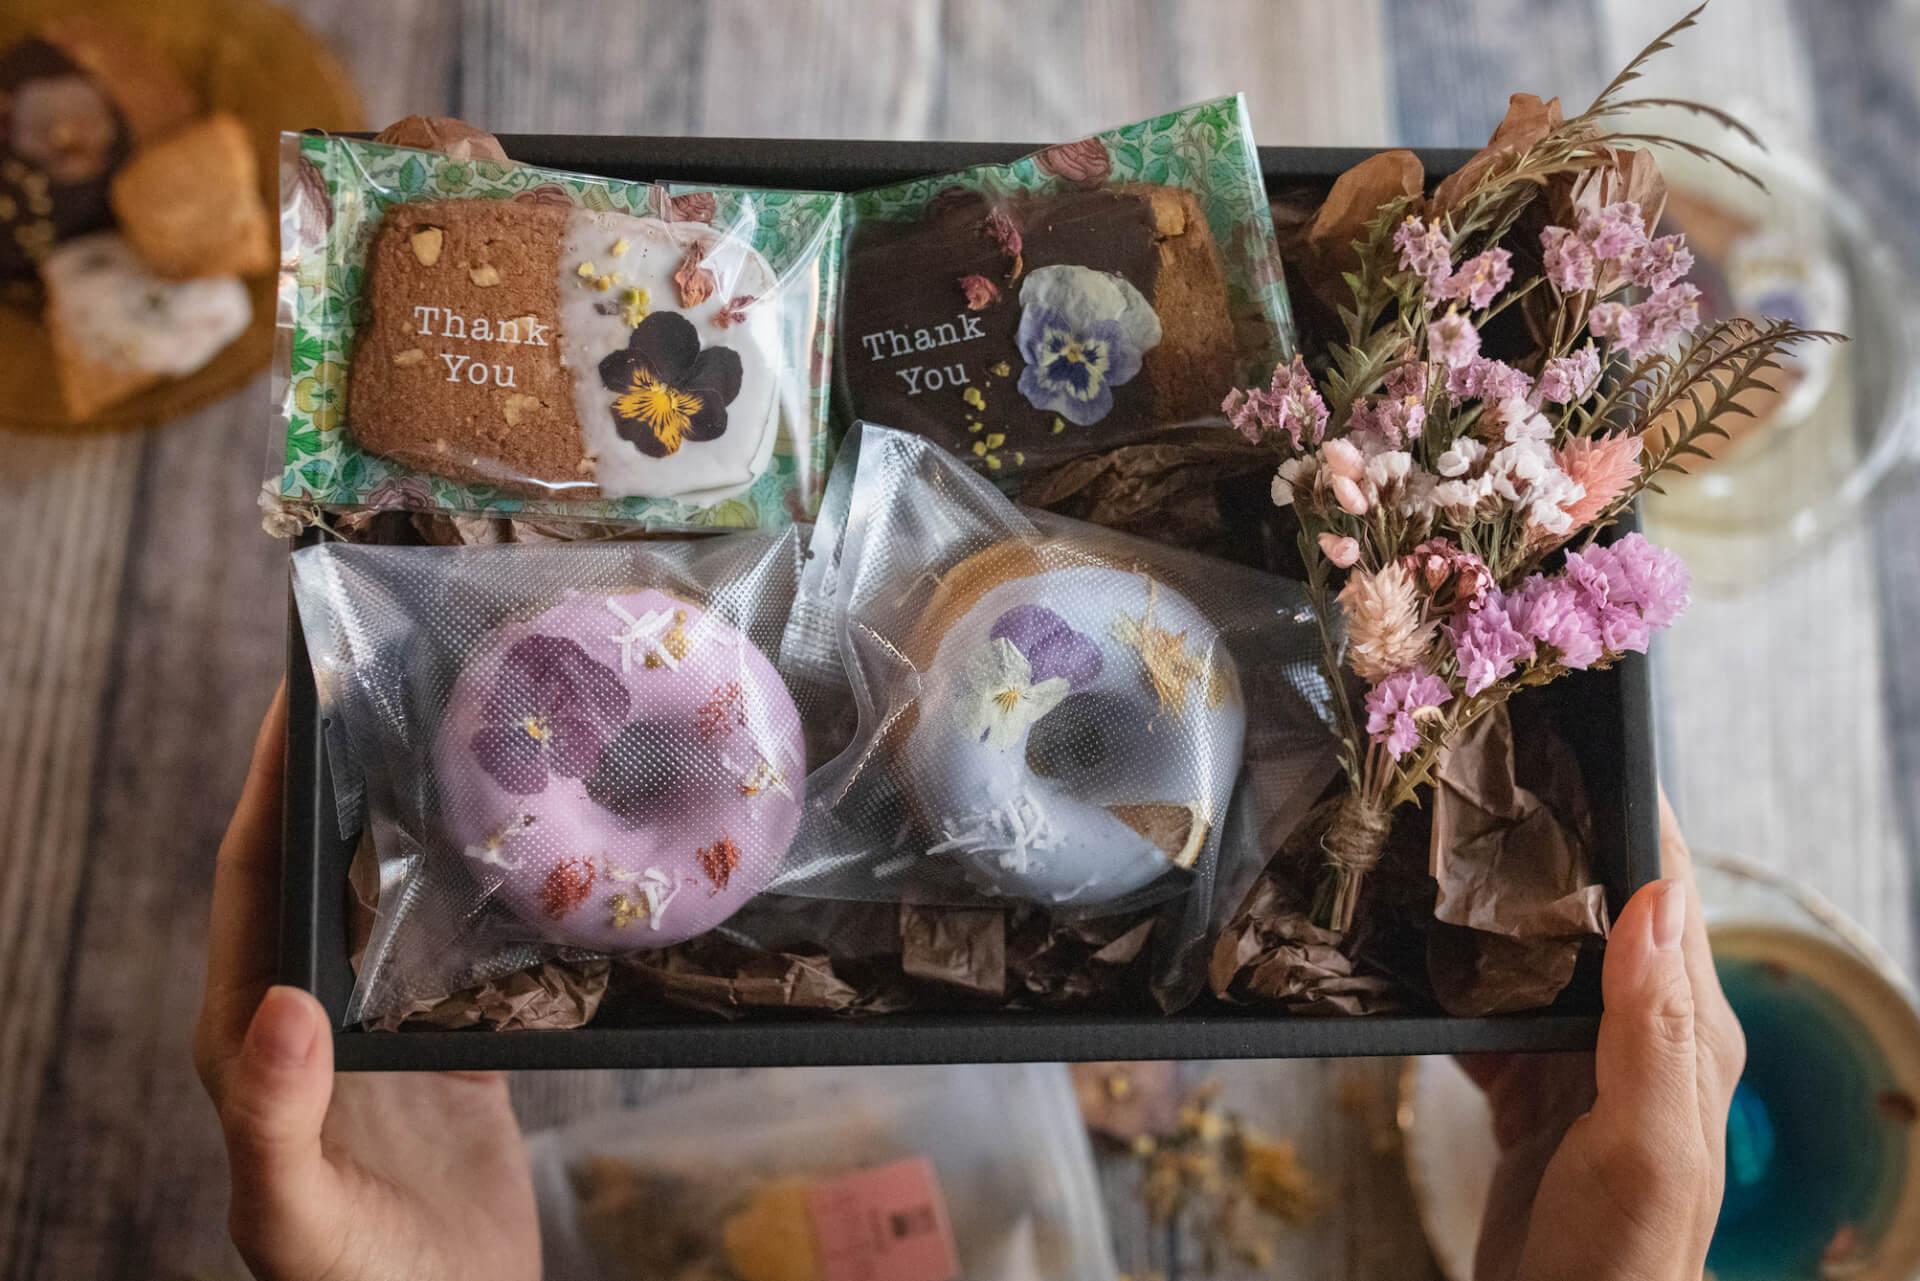 お花のクッキーが人気のgmgmで、ブーケ&お花のドーナツ付『母の日ギフトBOX』が予約受付開始! goulmet210408_gmgm_2